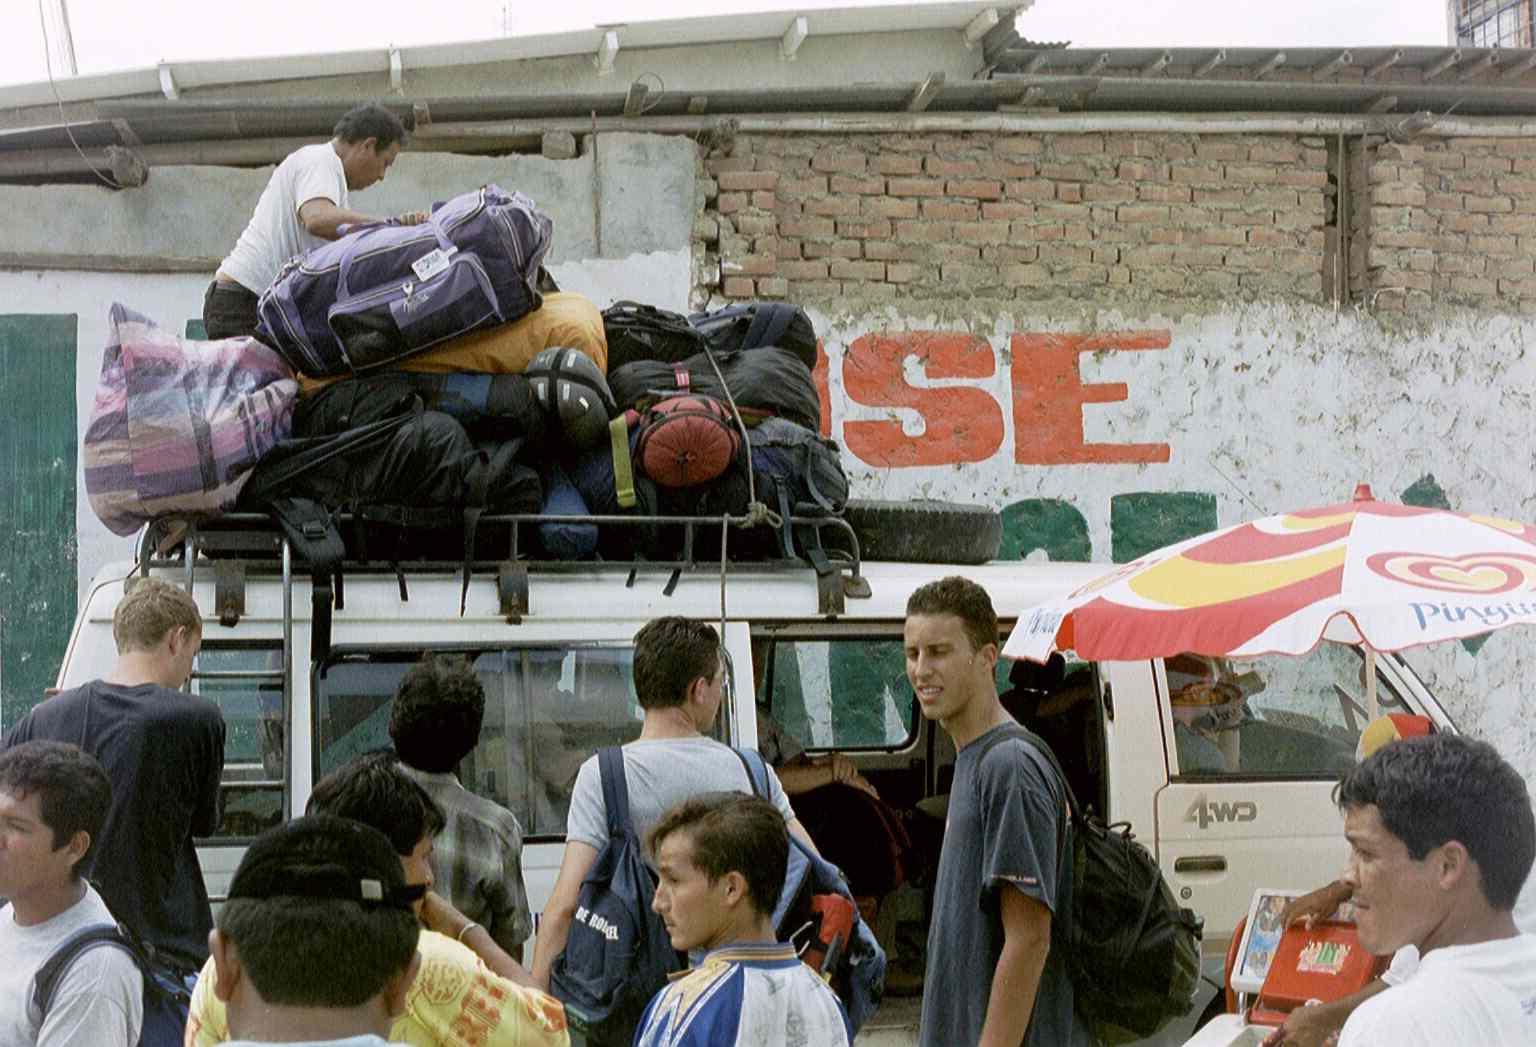 grens Ecuador - Peru